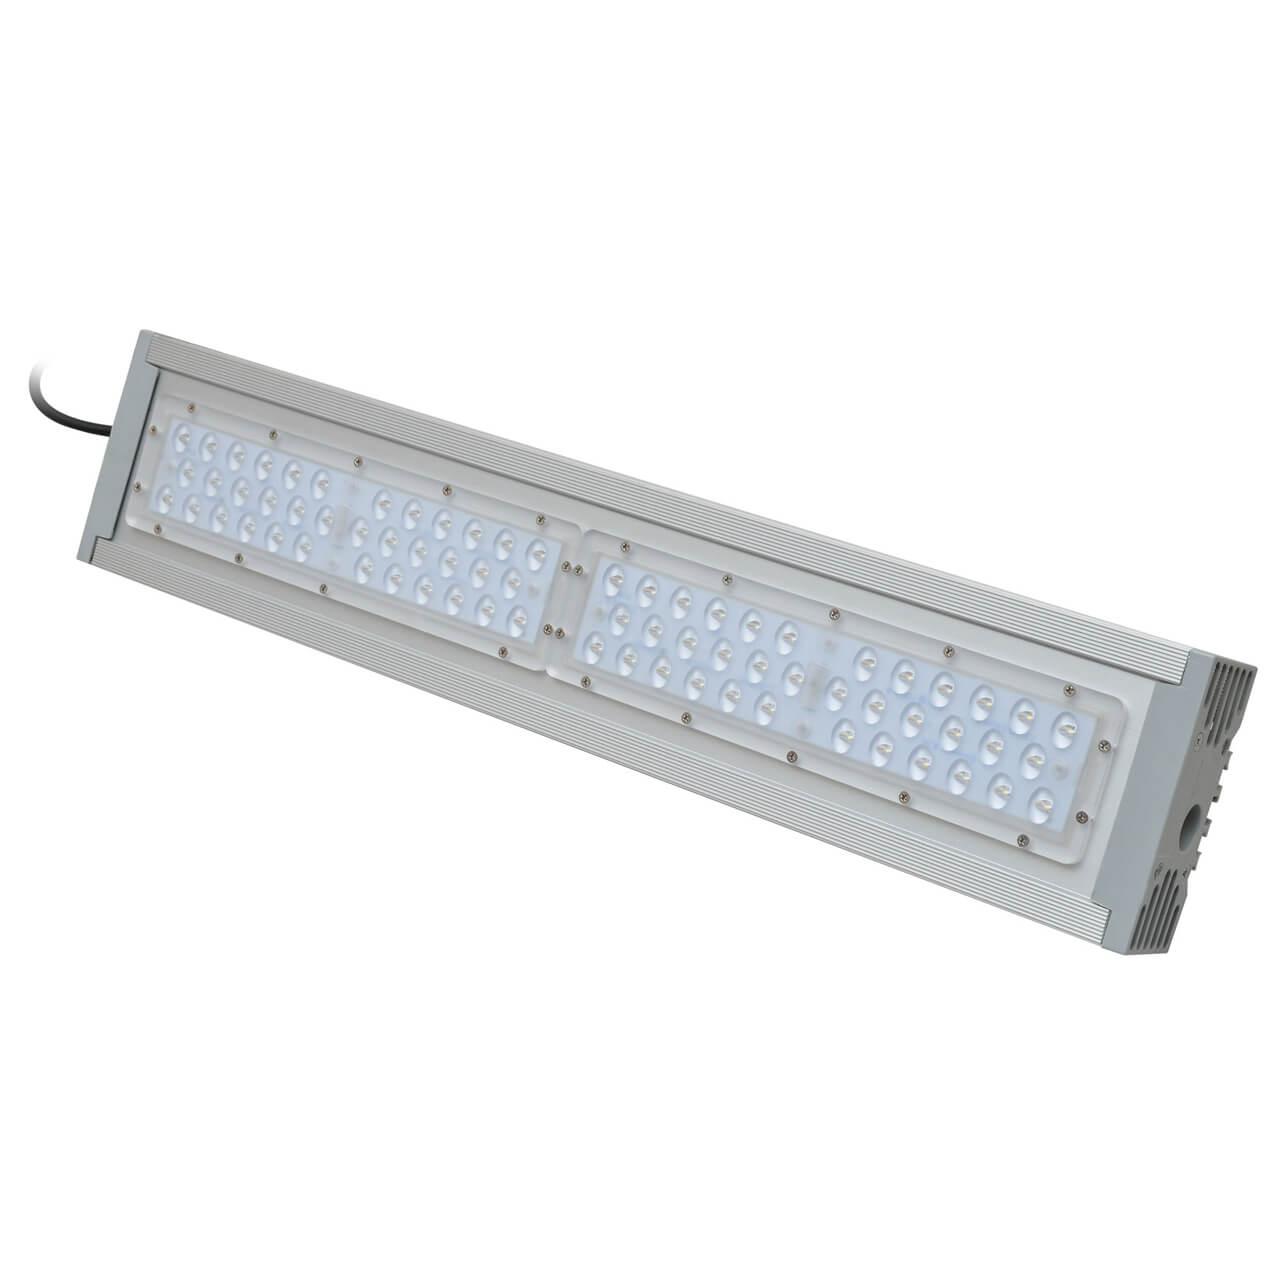 Светильник Uniel ULV-R24J 150W/5000К IP65 Silver ULV-R varton светодиодный светильник вартон ip65 300 83 мм 25вт 5000к